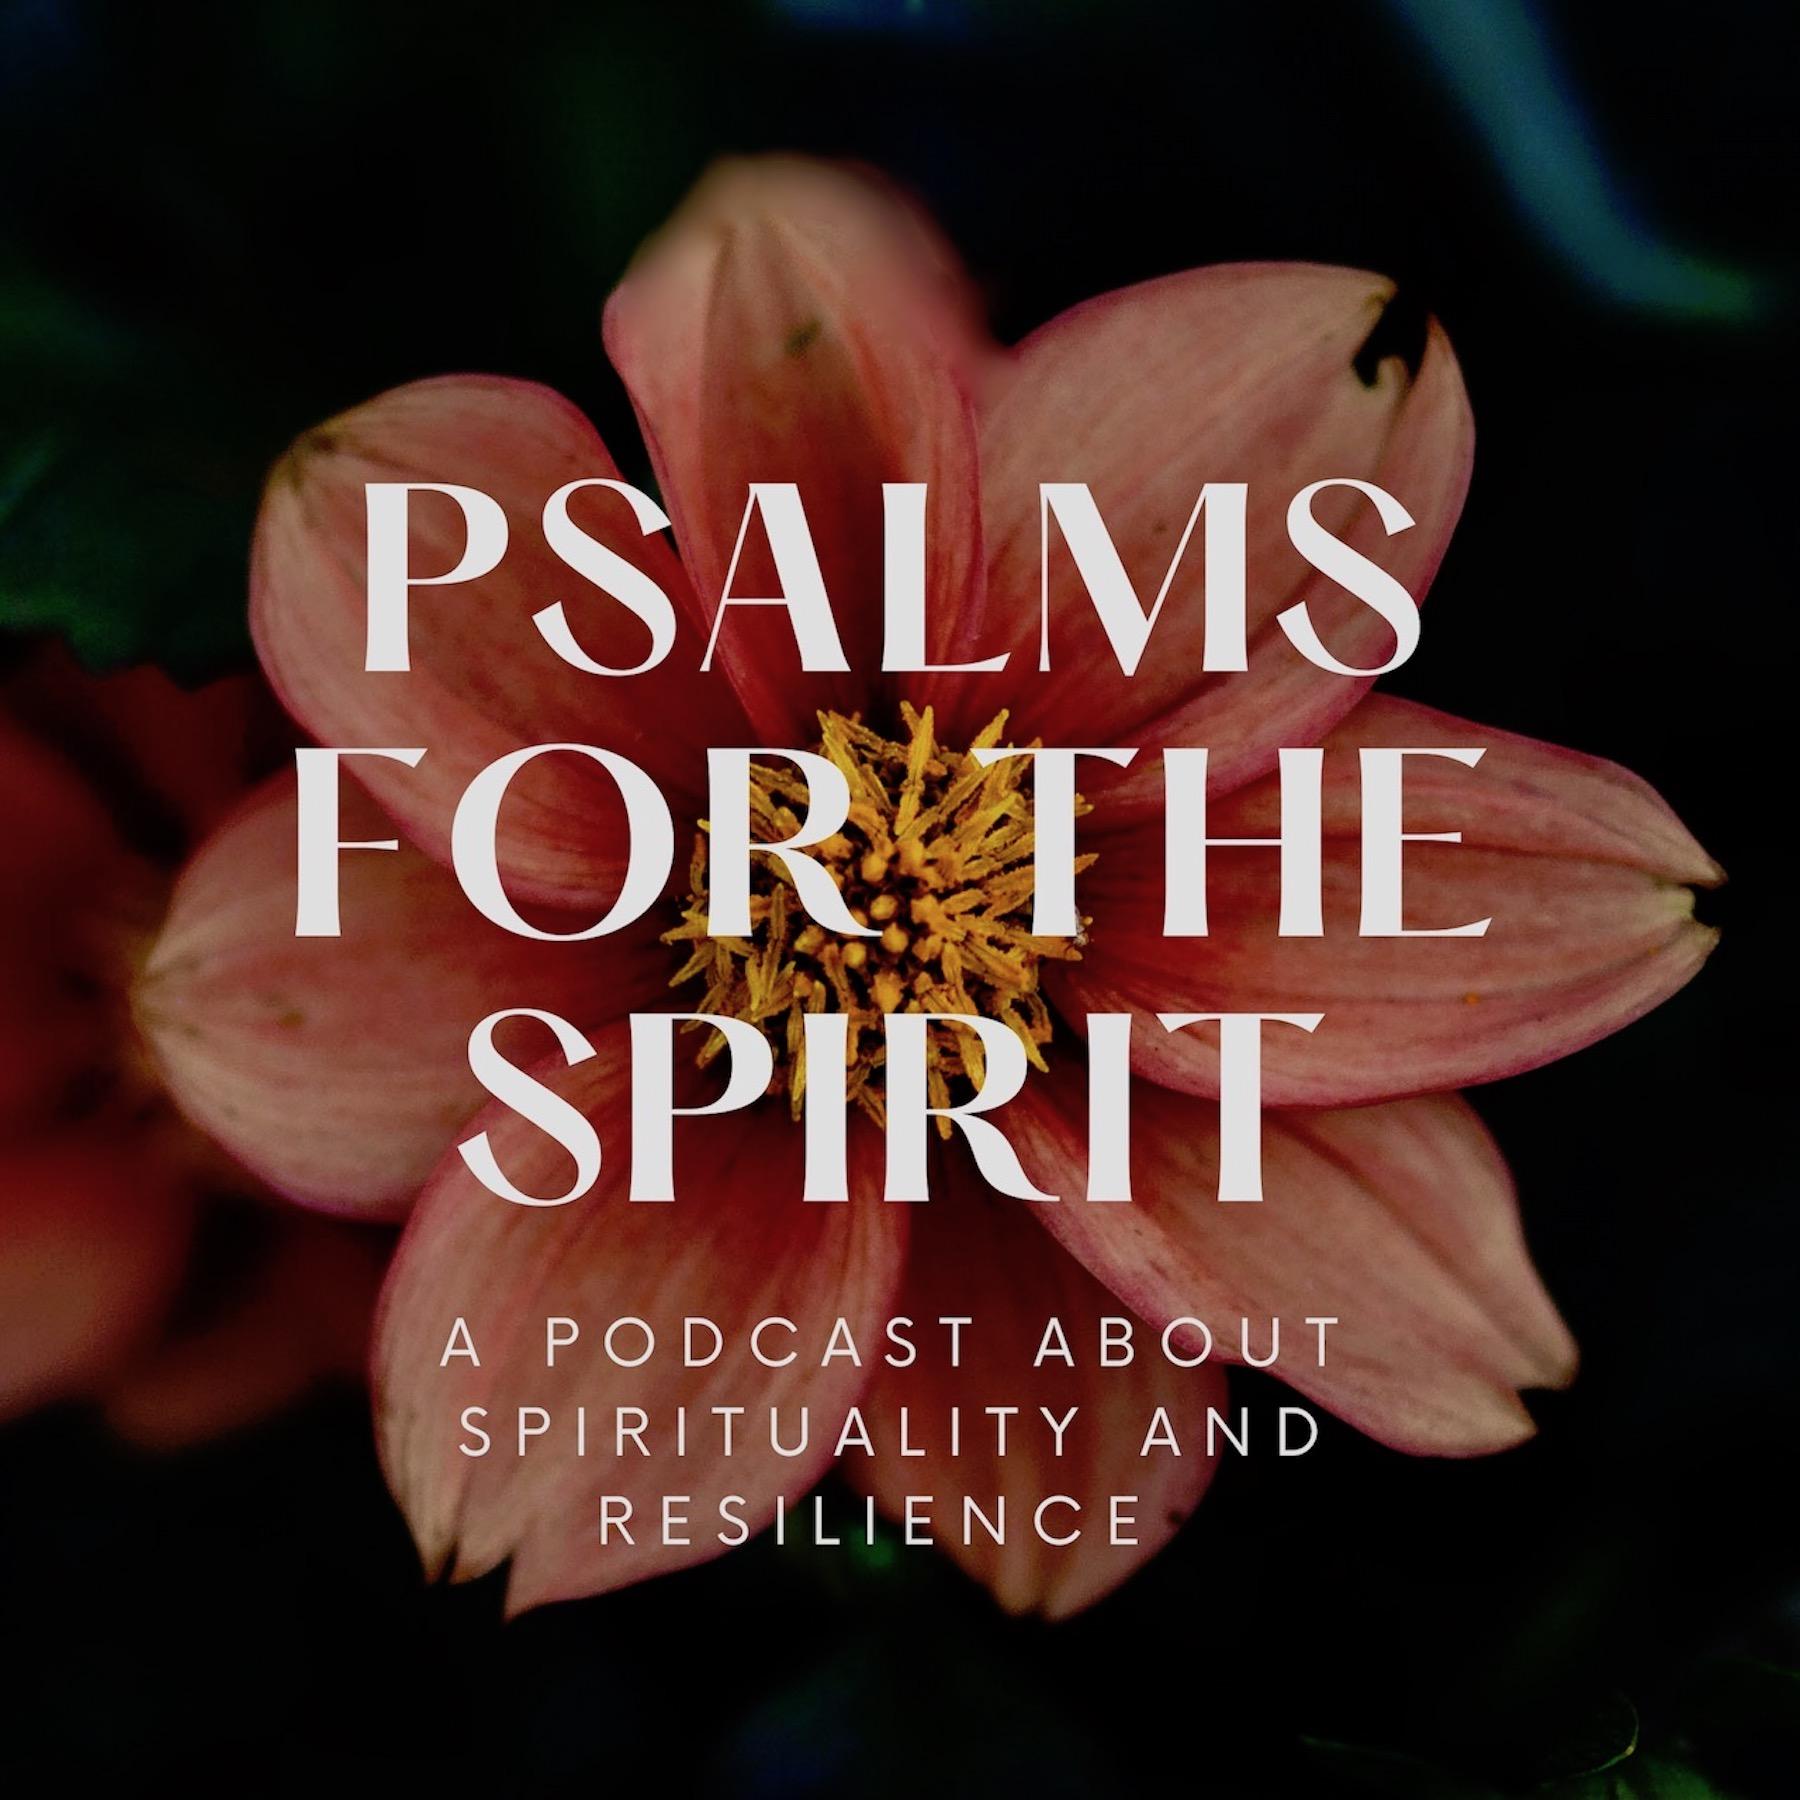 Show artwork for Psalms for the Spirit